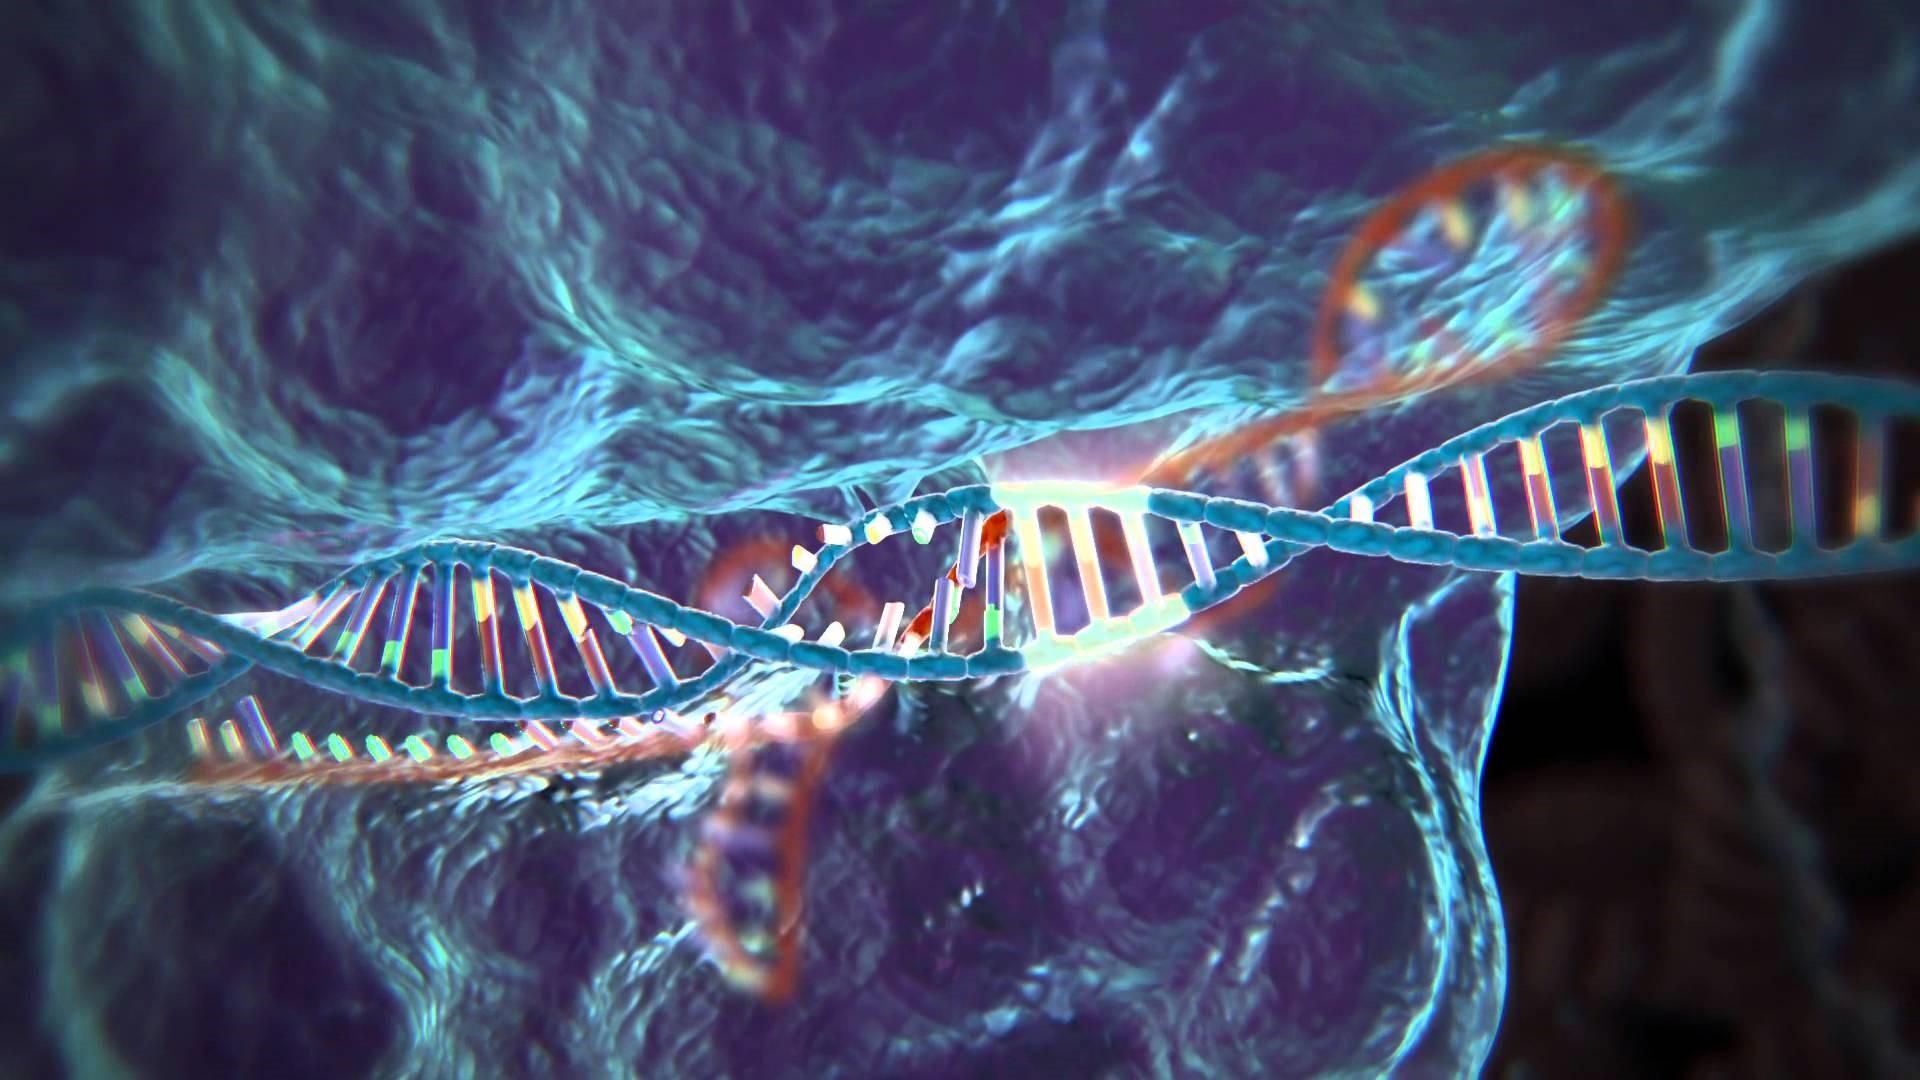 Herramienta CRISPR © Chile bio